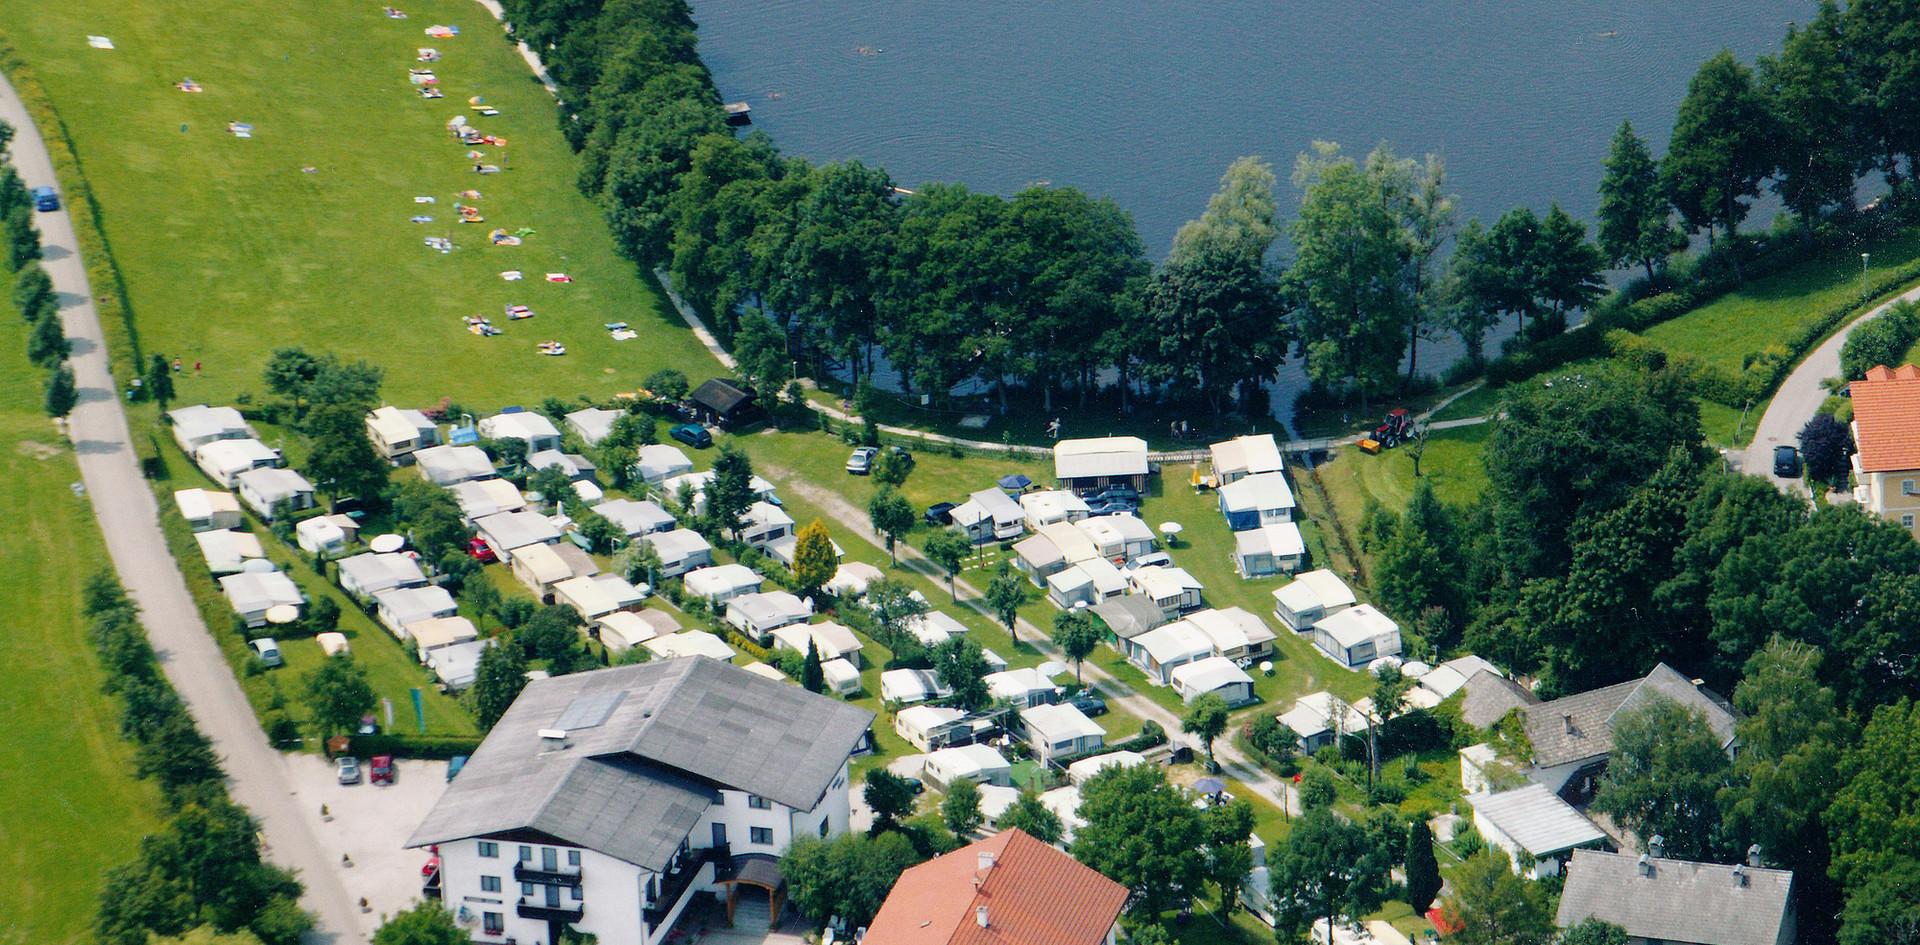 Campingplatz von oben